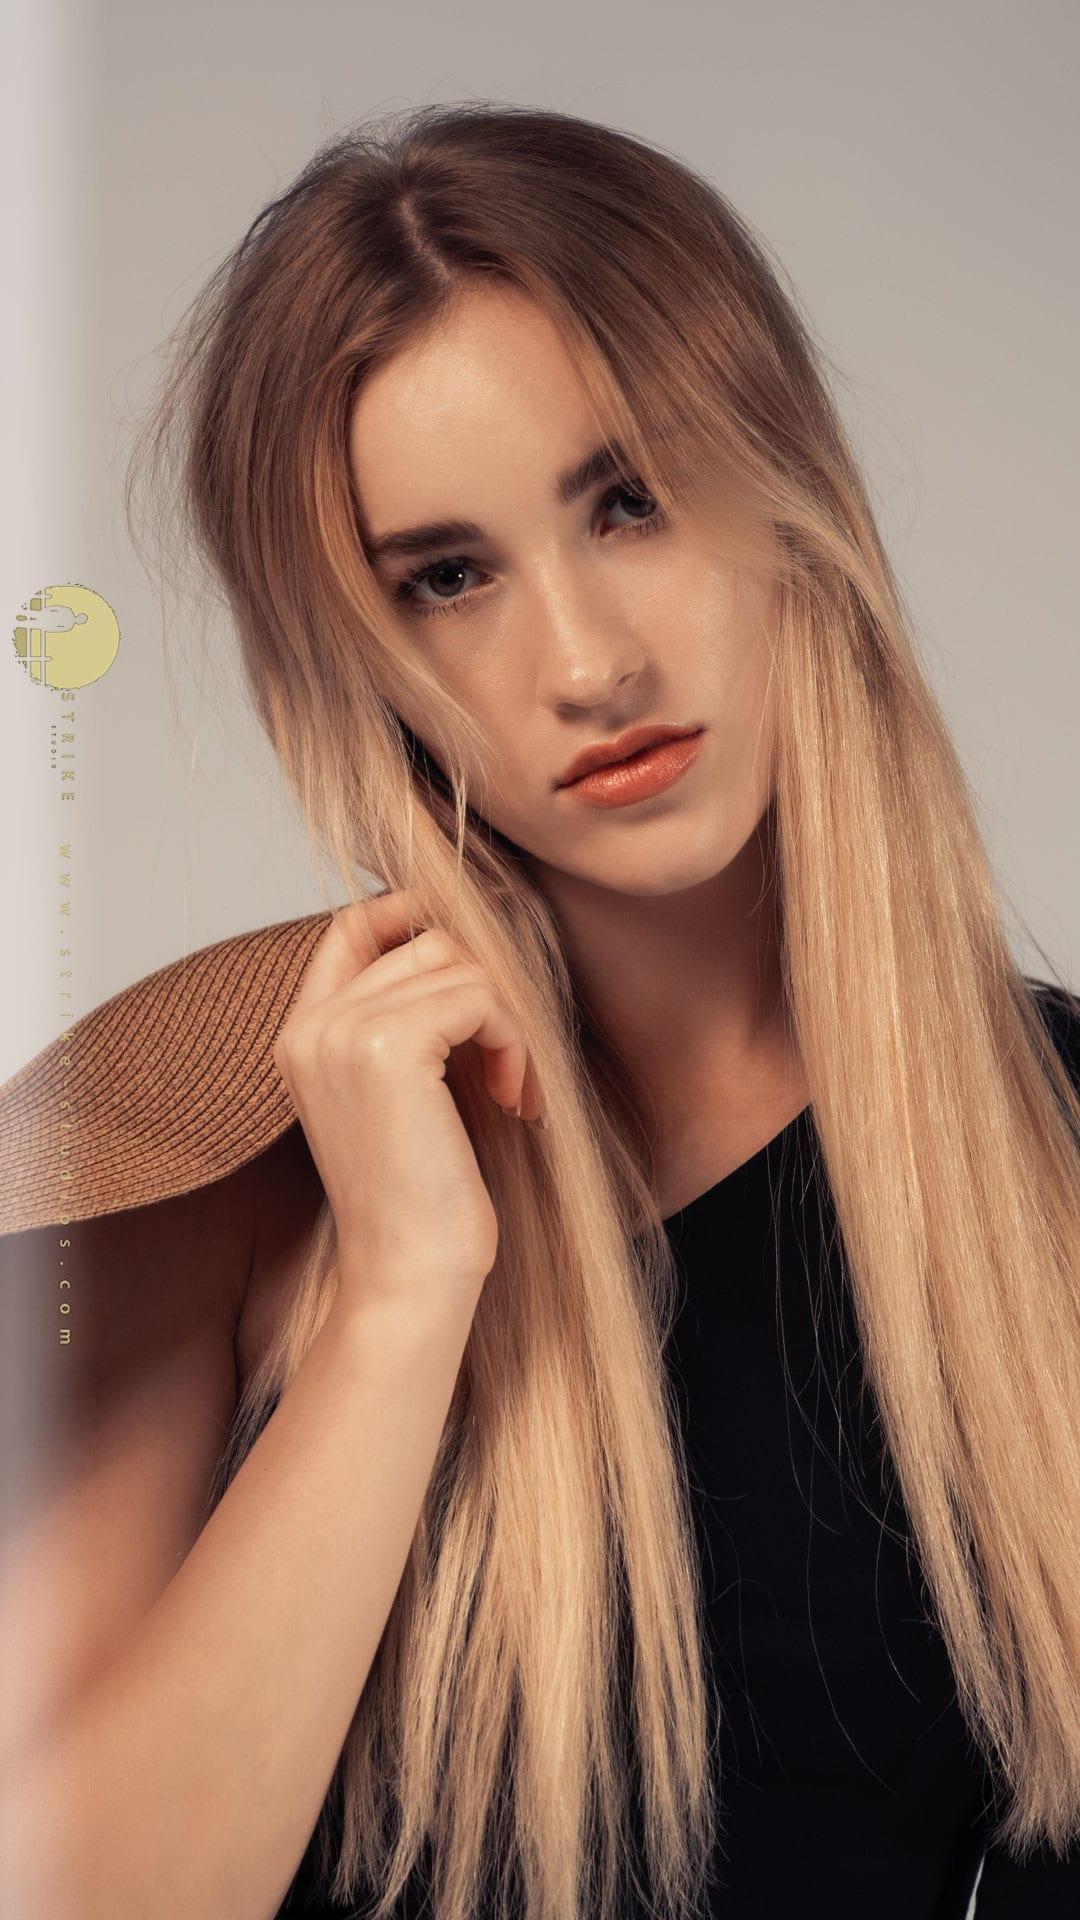 Models hostess in Qatar company Anastasia